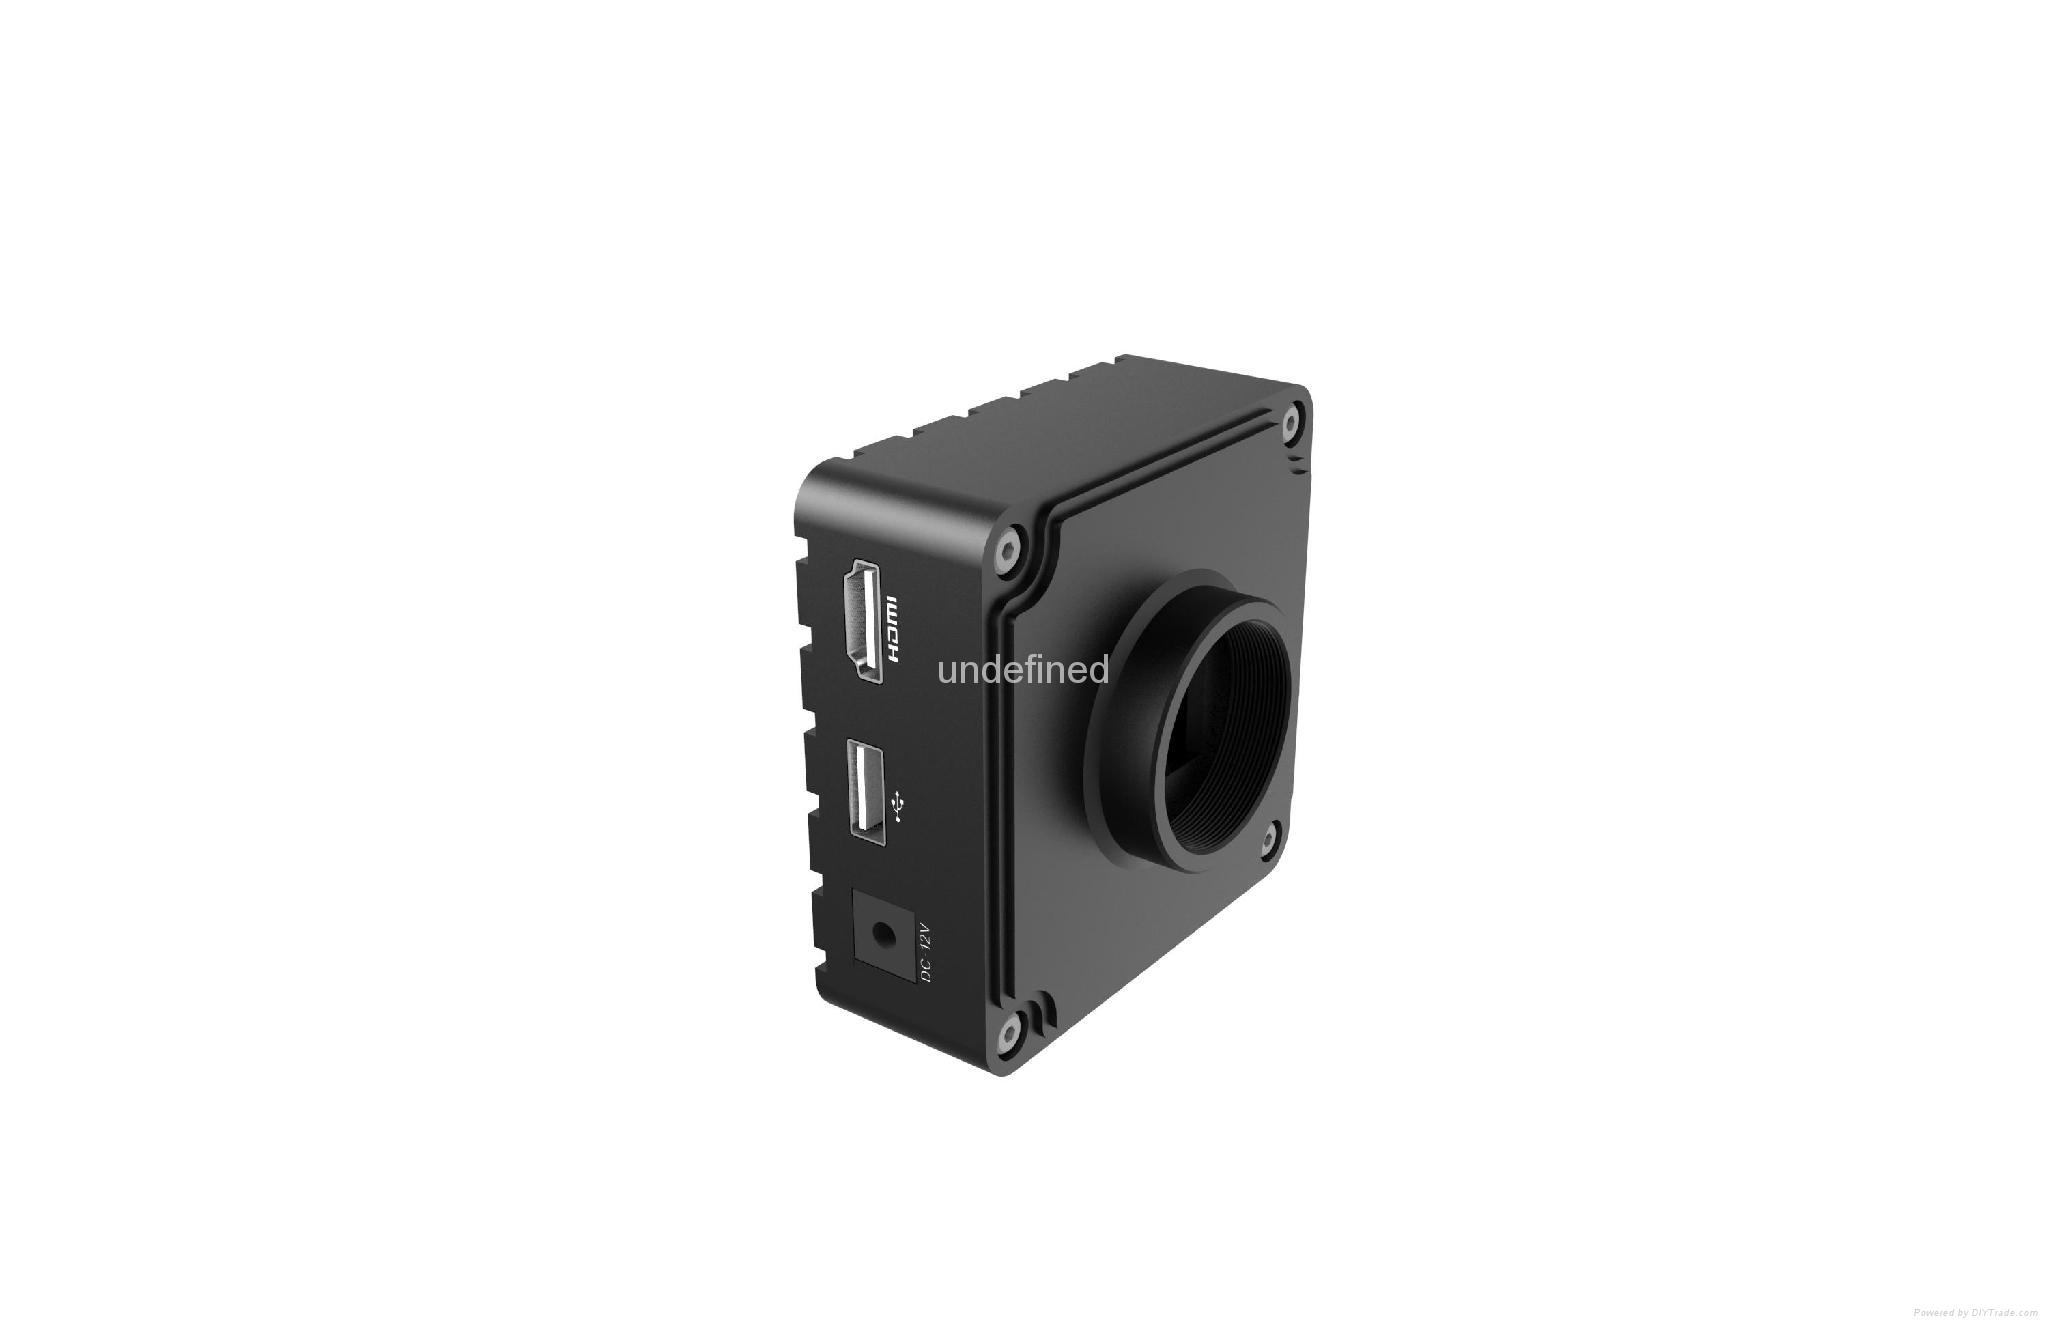 4K HDMI camera USB3.0 digital camera 1